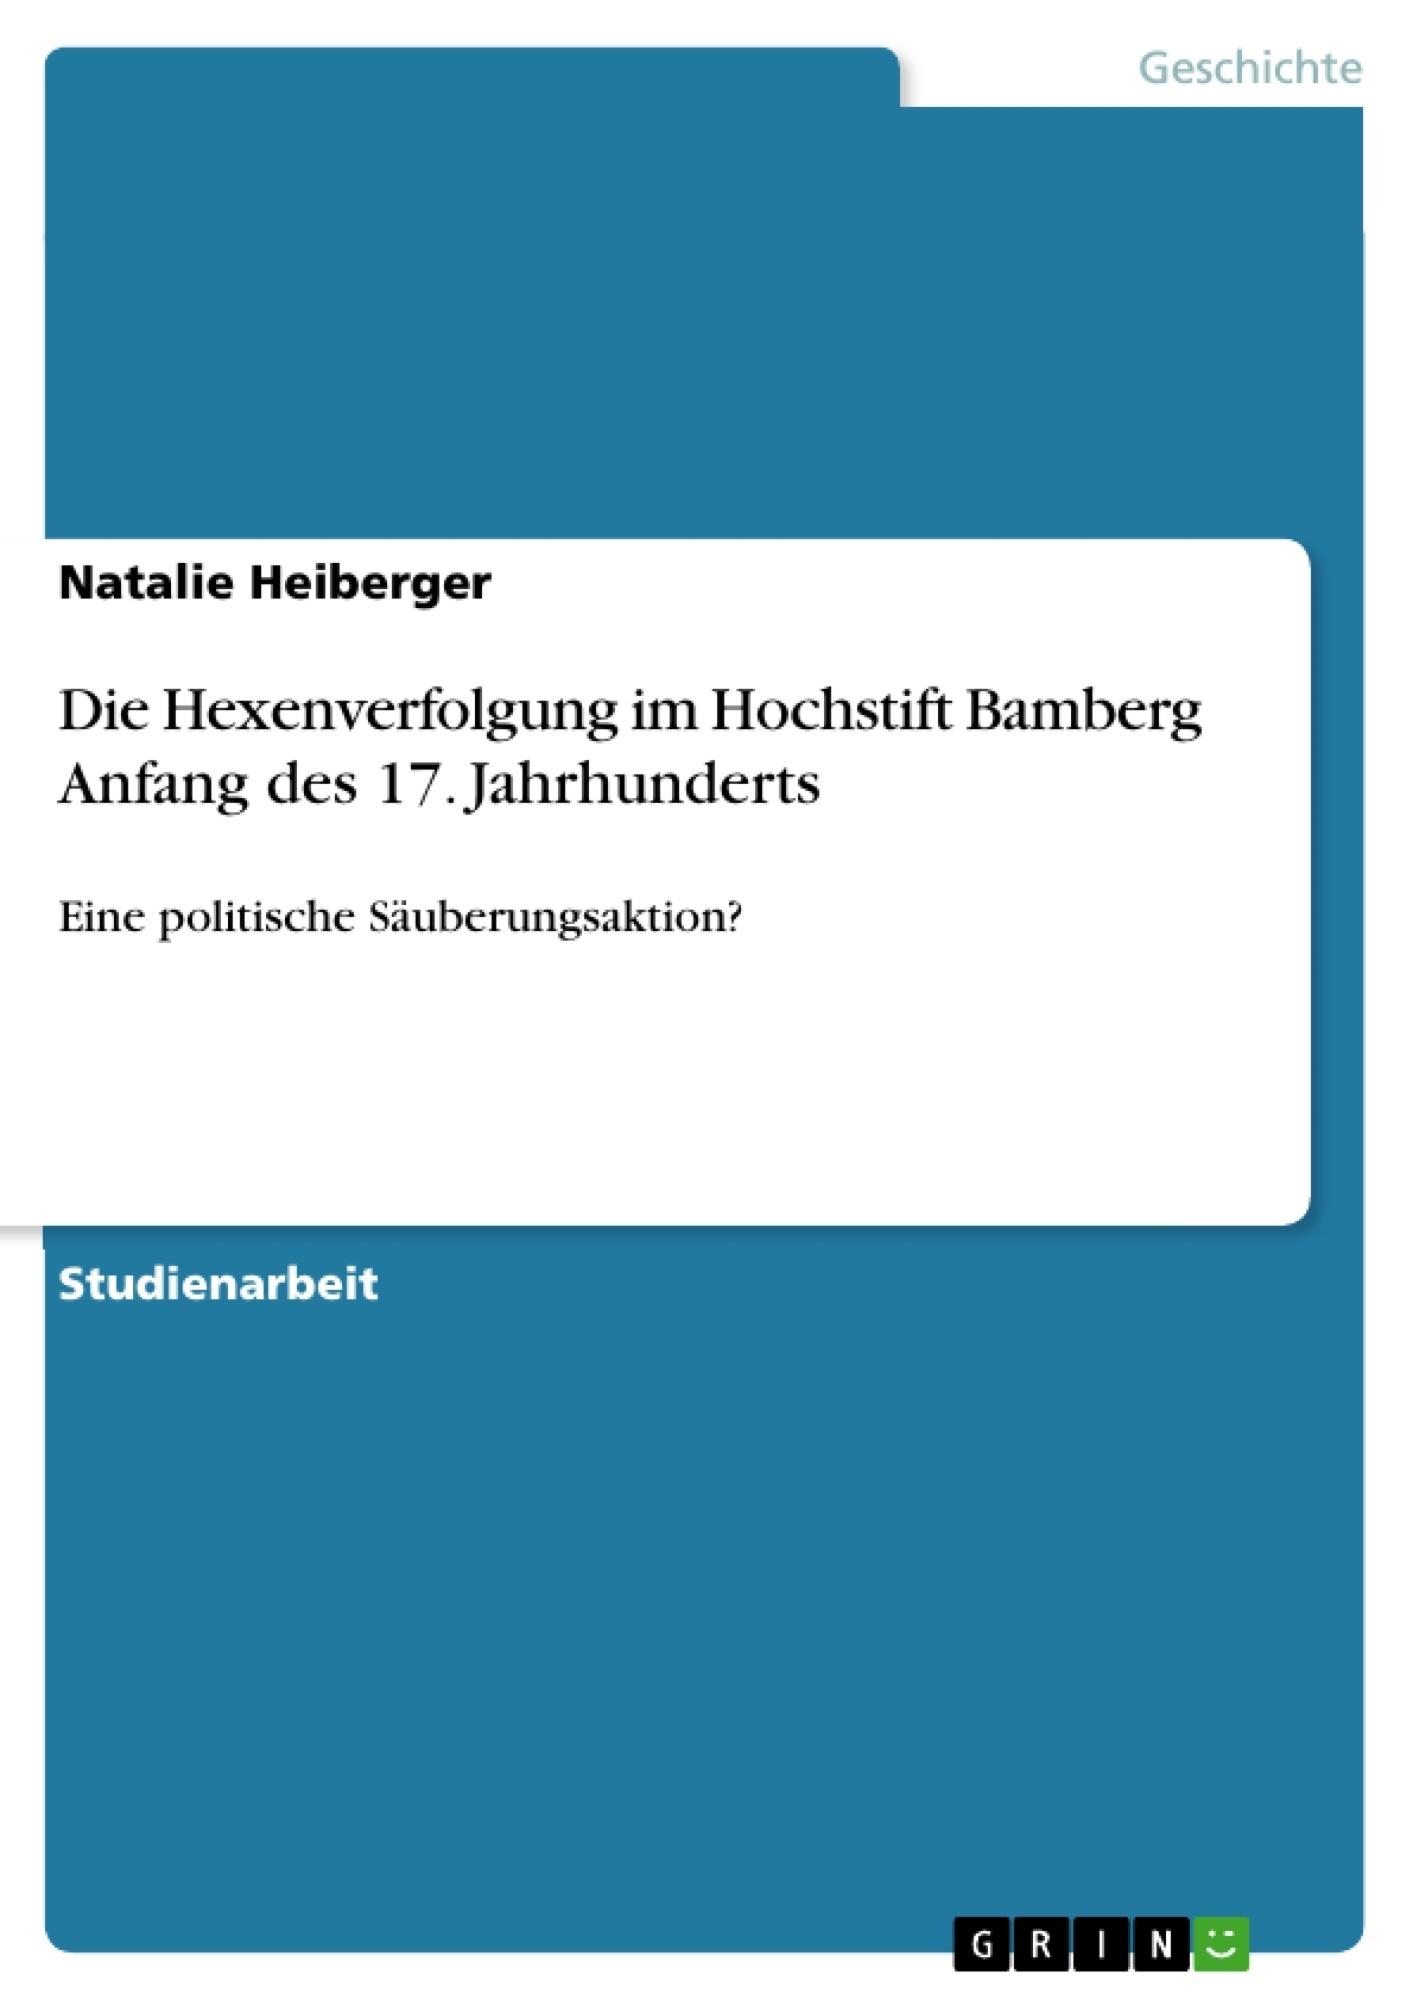 Titel: Die Hexenverfolgung im Hochstift Bamberg Anfang des 17. Jahrhunderts